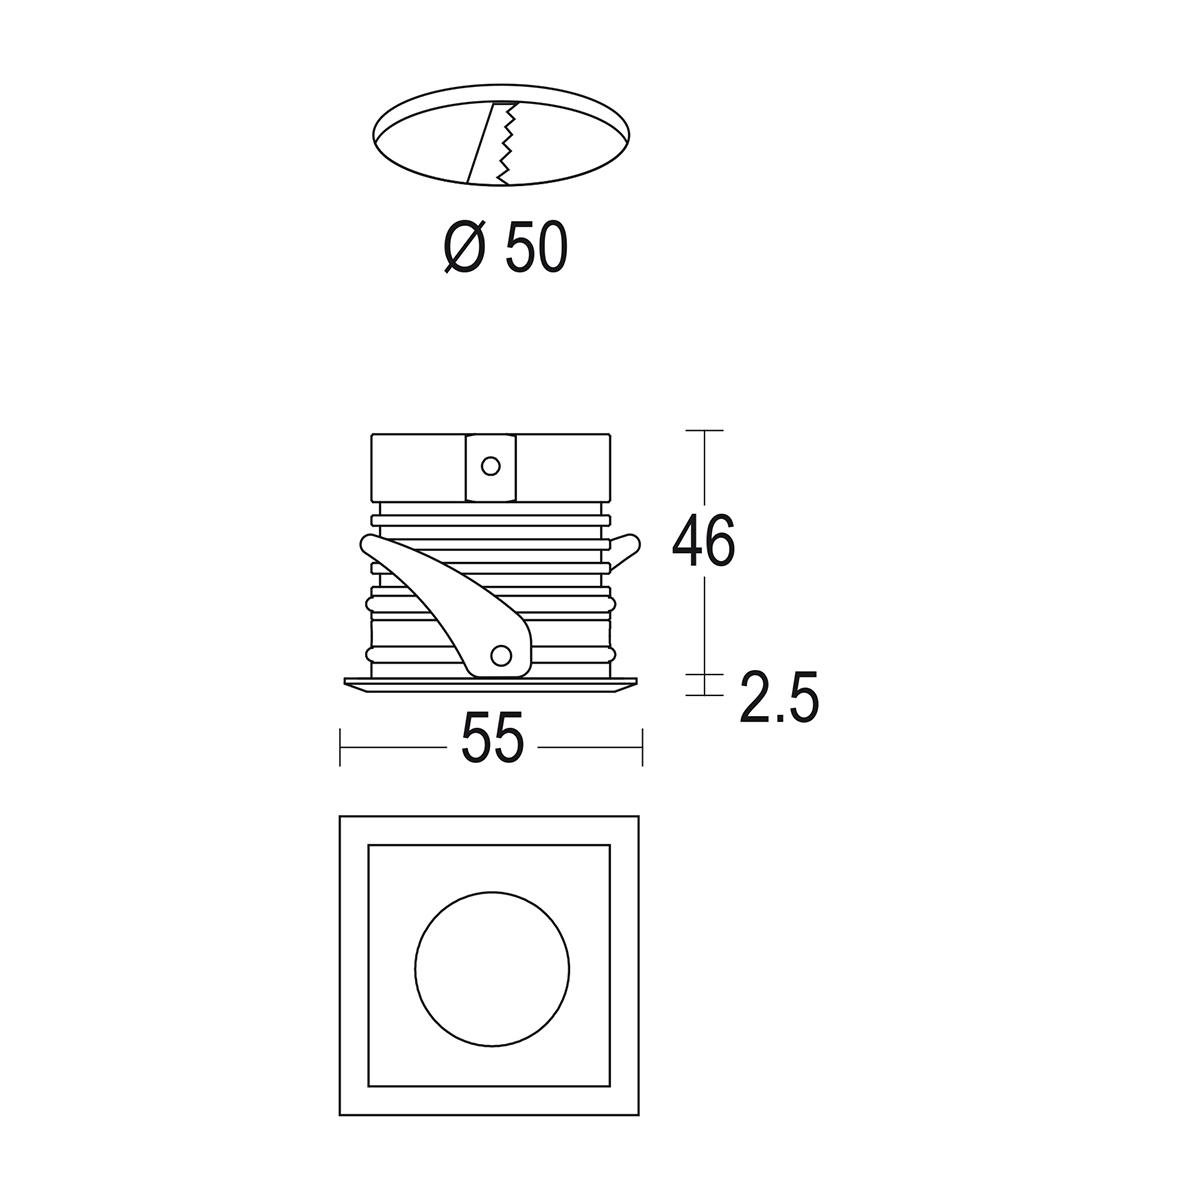 чертеж Maxisegno 55 Ghidini уличный светильник GH1242.BGMT300EC